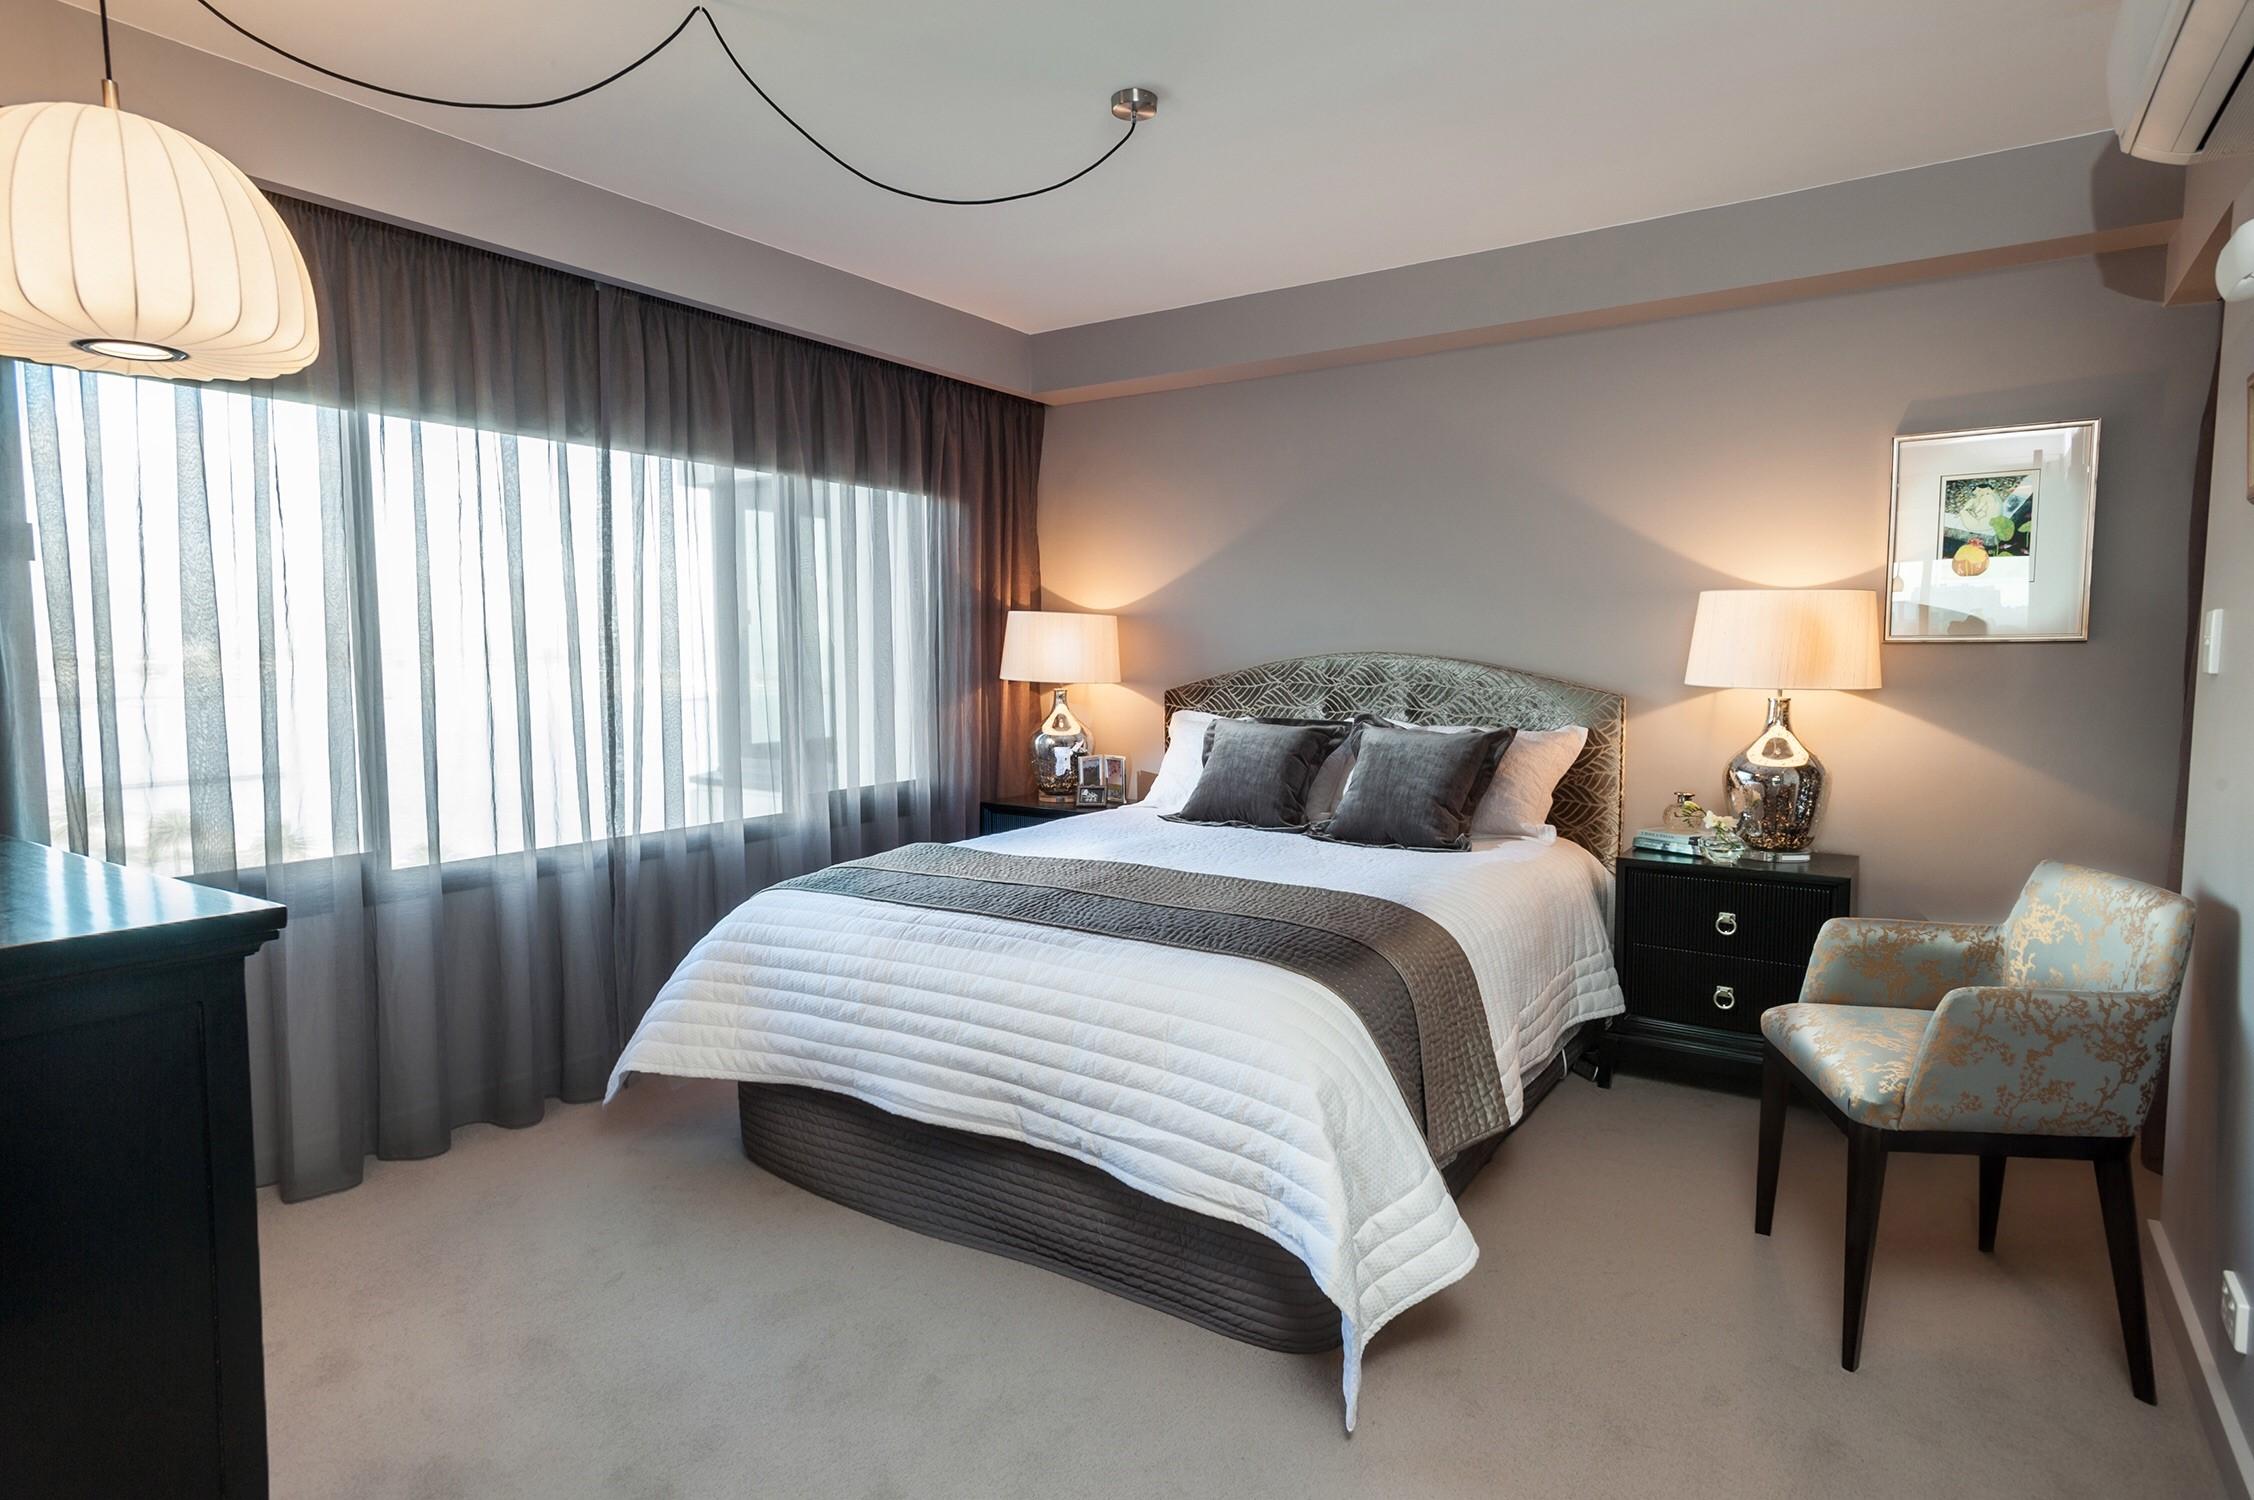 ellard bedroom carpet smoothed.jpg